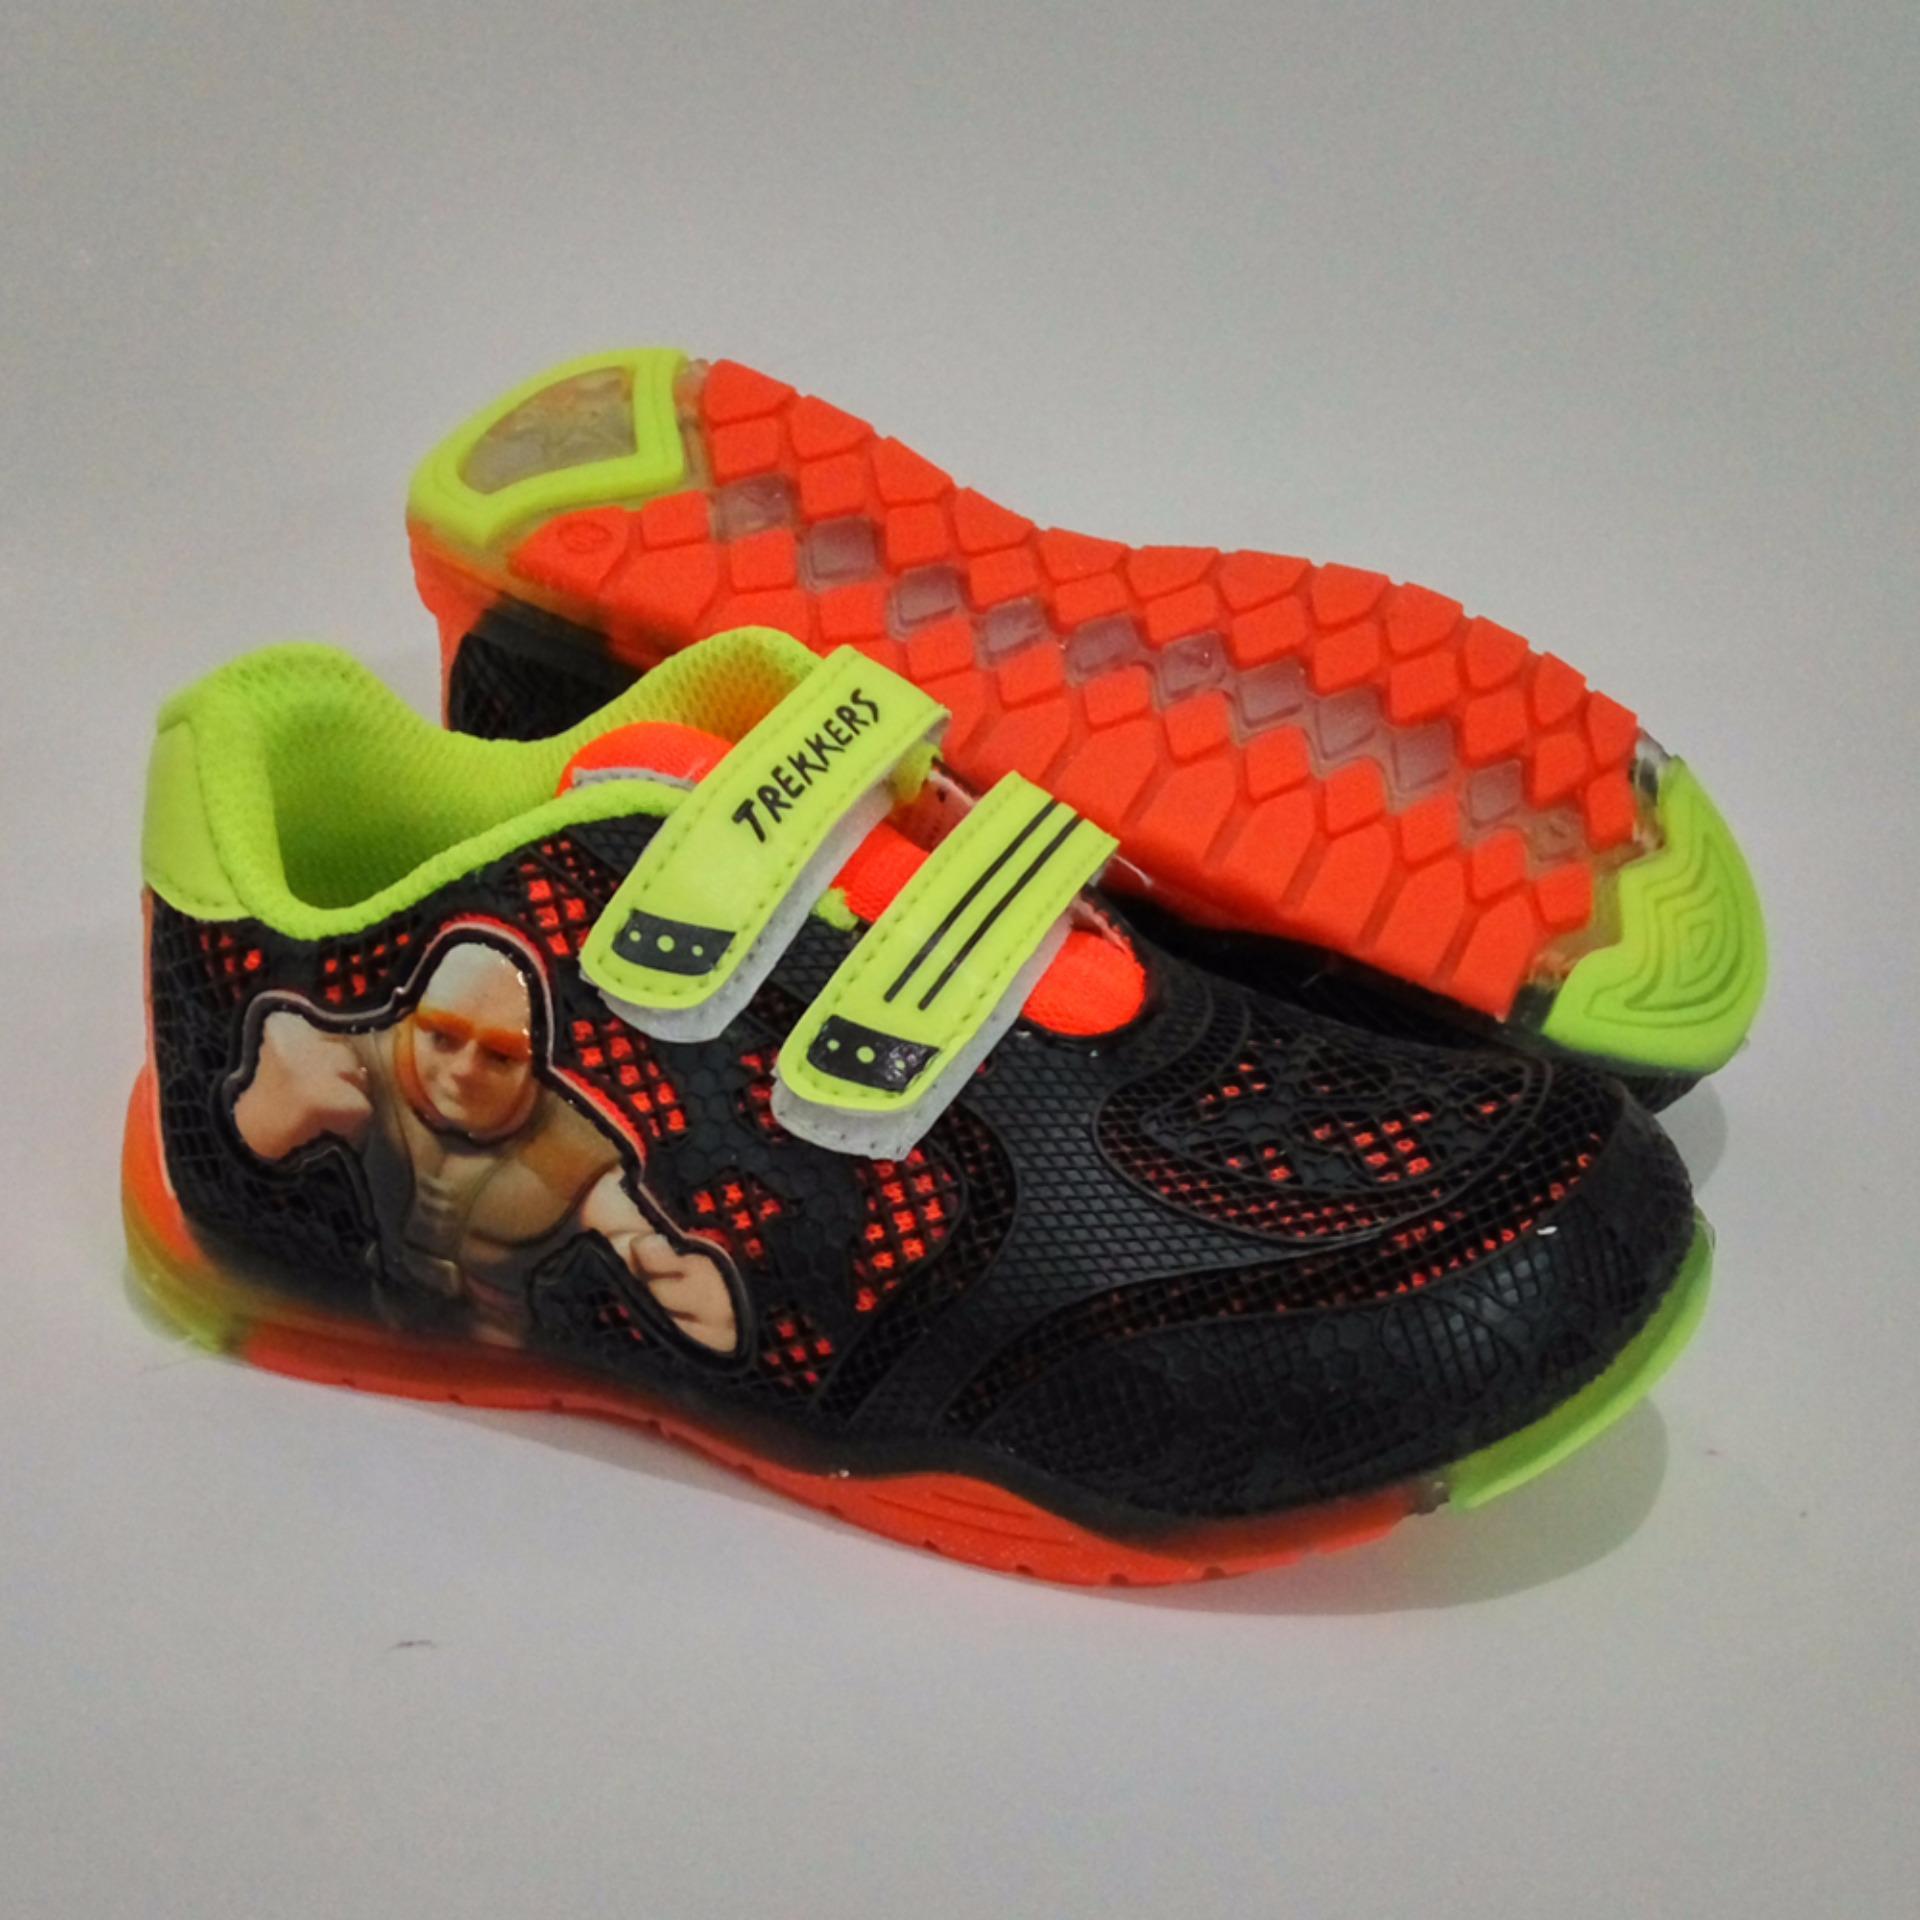 Beli sekarang Trekkers KL-I-Giant Sepatu Anak Lampu Warna Hitam   Oranye  terbaik 54a822f41a